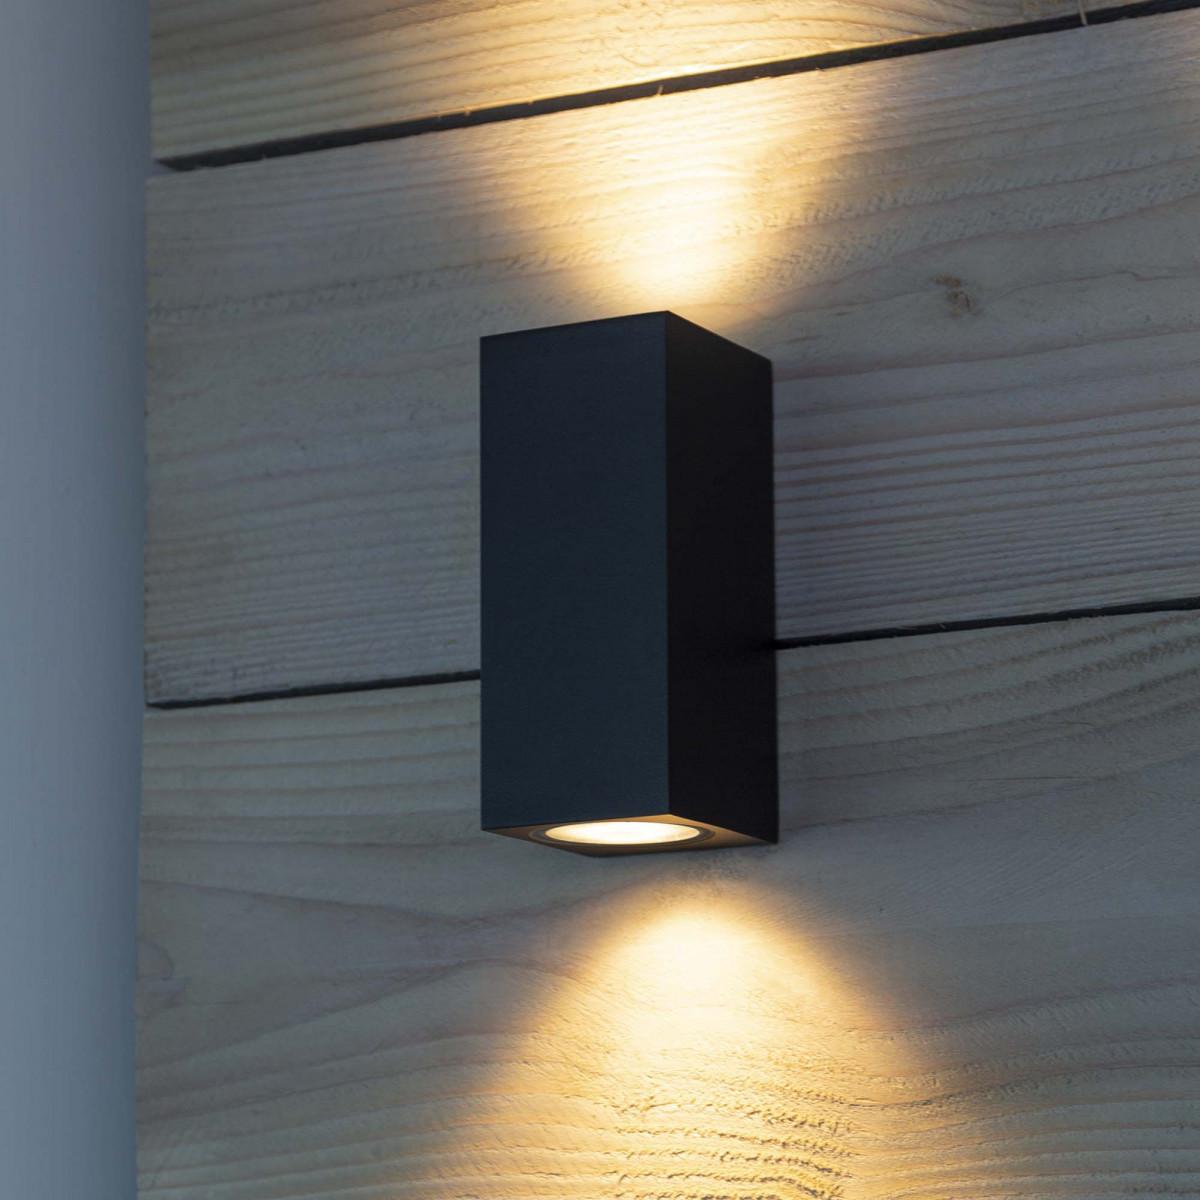 Kubus wandspot zwart, moderne wandverlichting voor buiten, up en downlighter, 2 lichtbundels, buitenlamp van het merk KS Verlichting